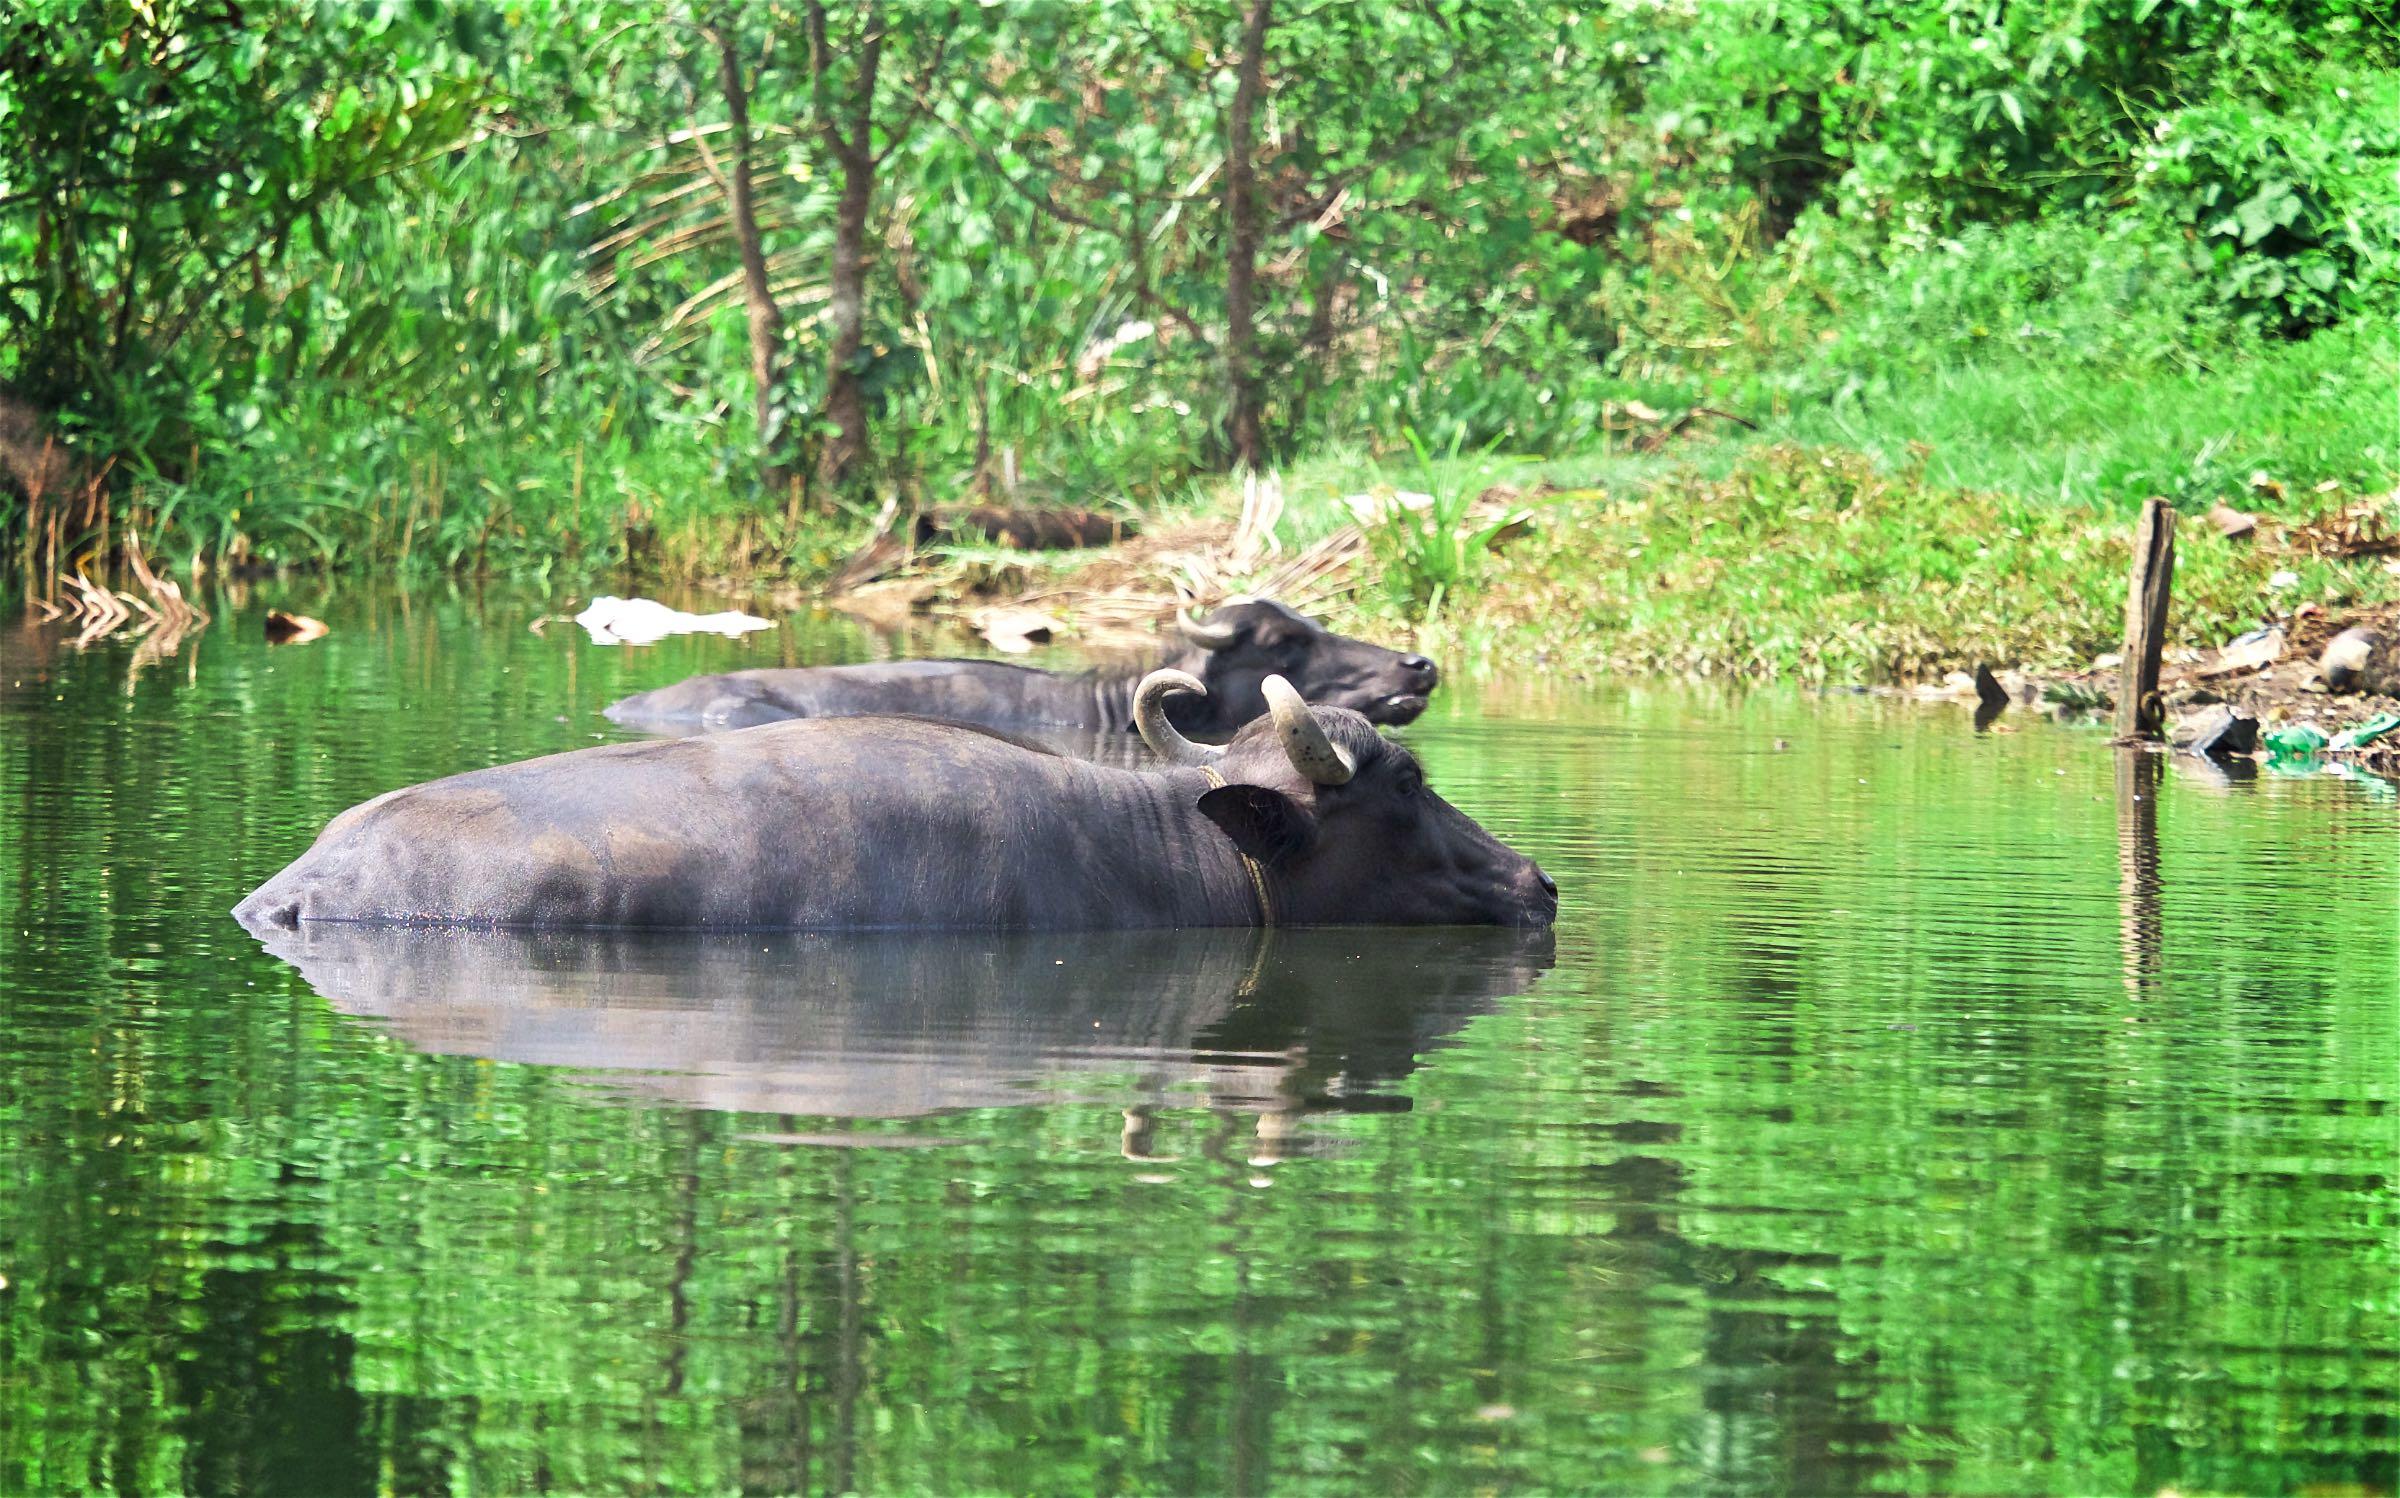 Cow Bath